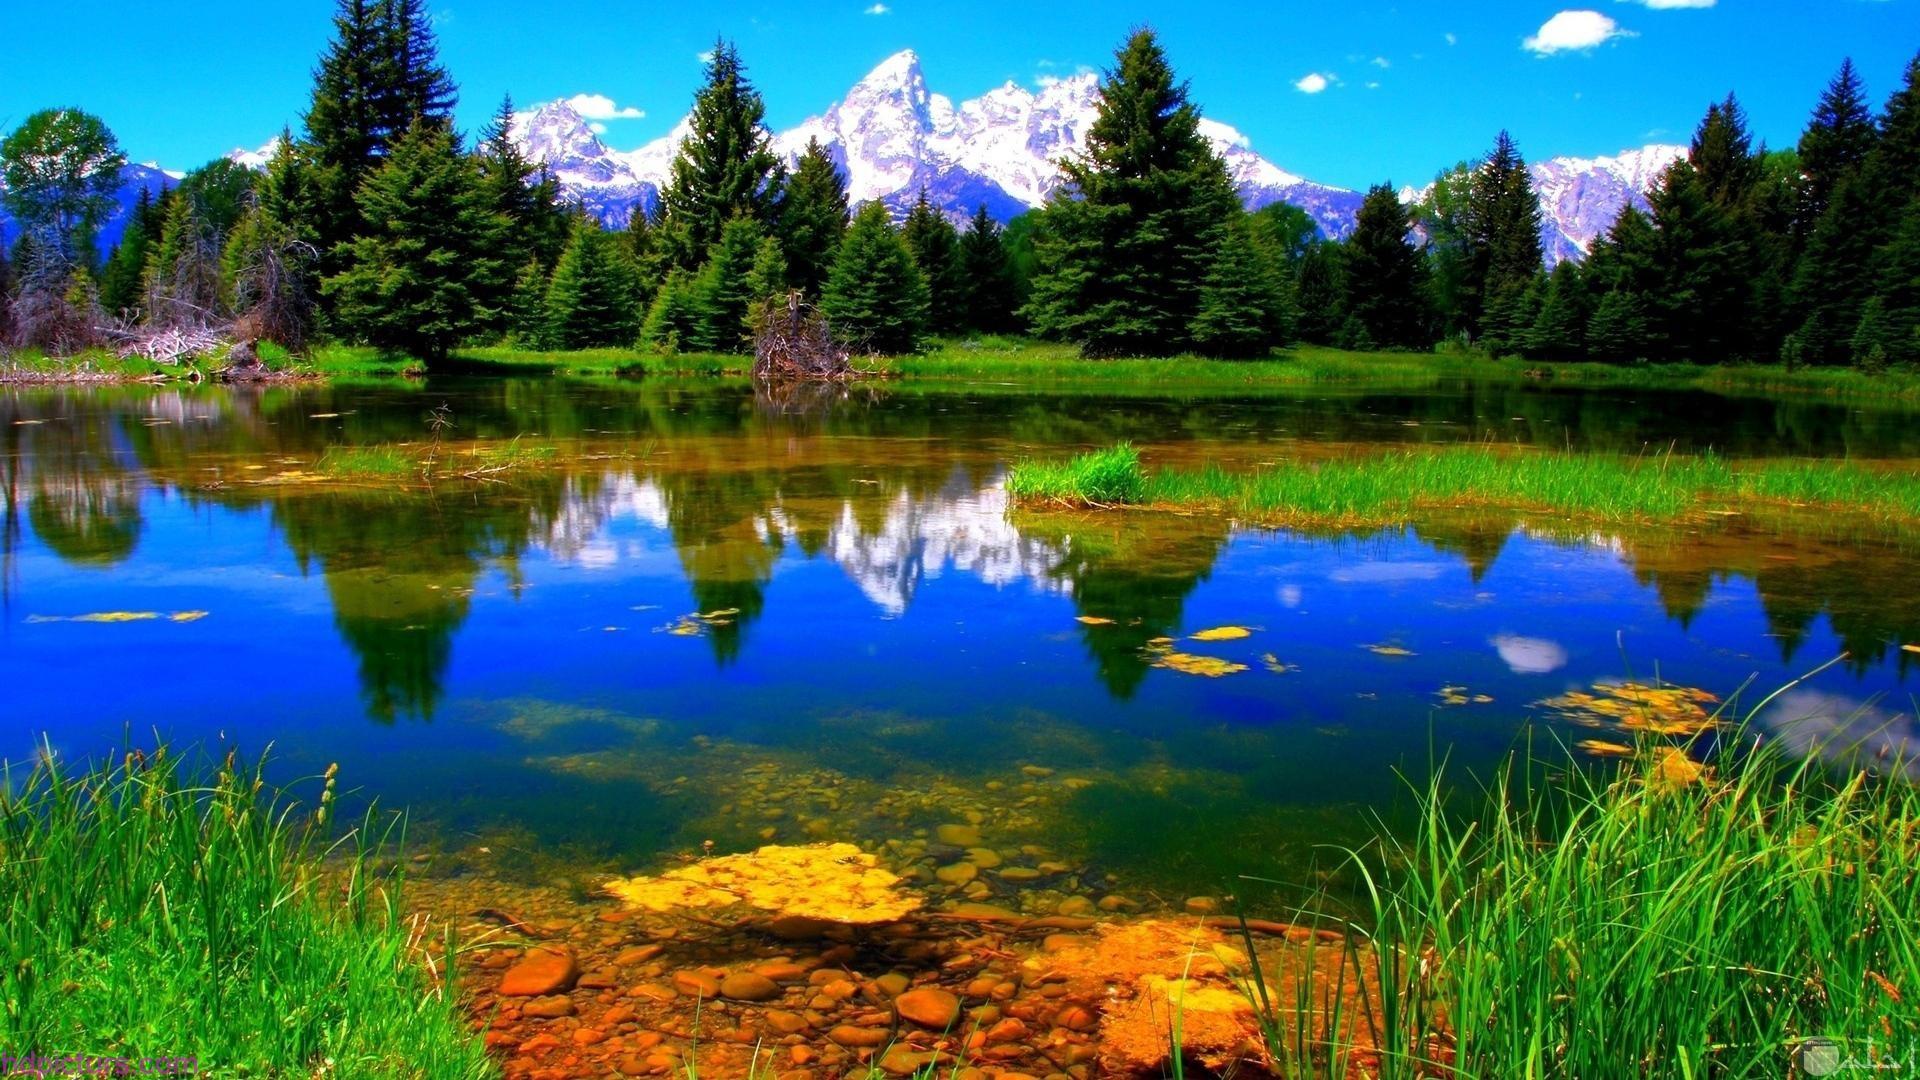 تنزيل صور طبيعة ساحرة وخلابة اجمل 10 خلفيات طبيعية